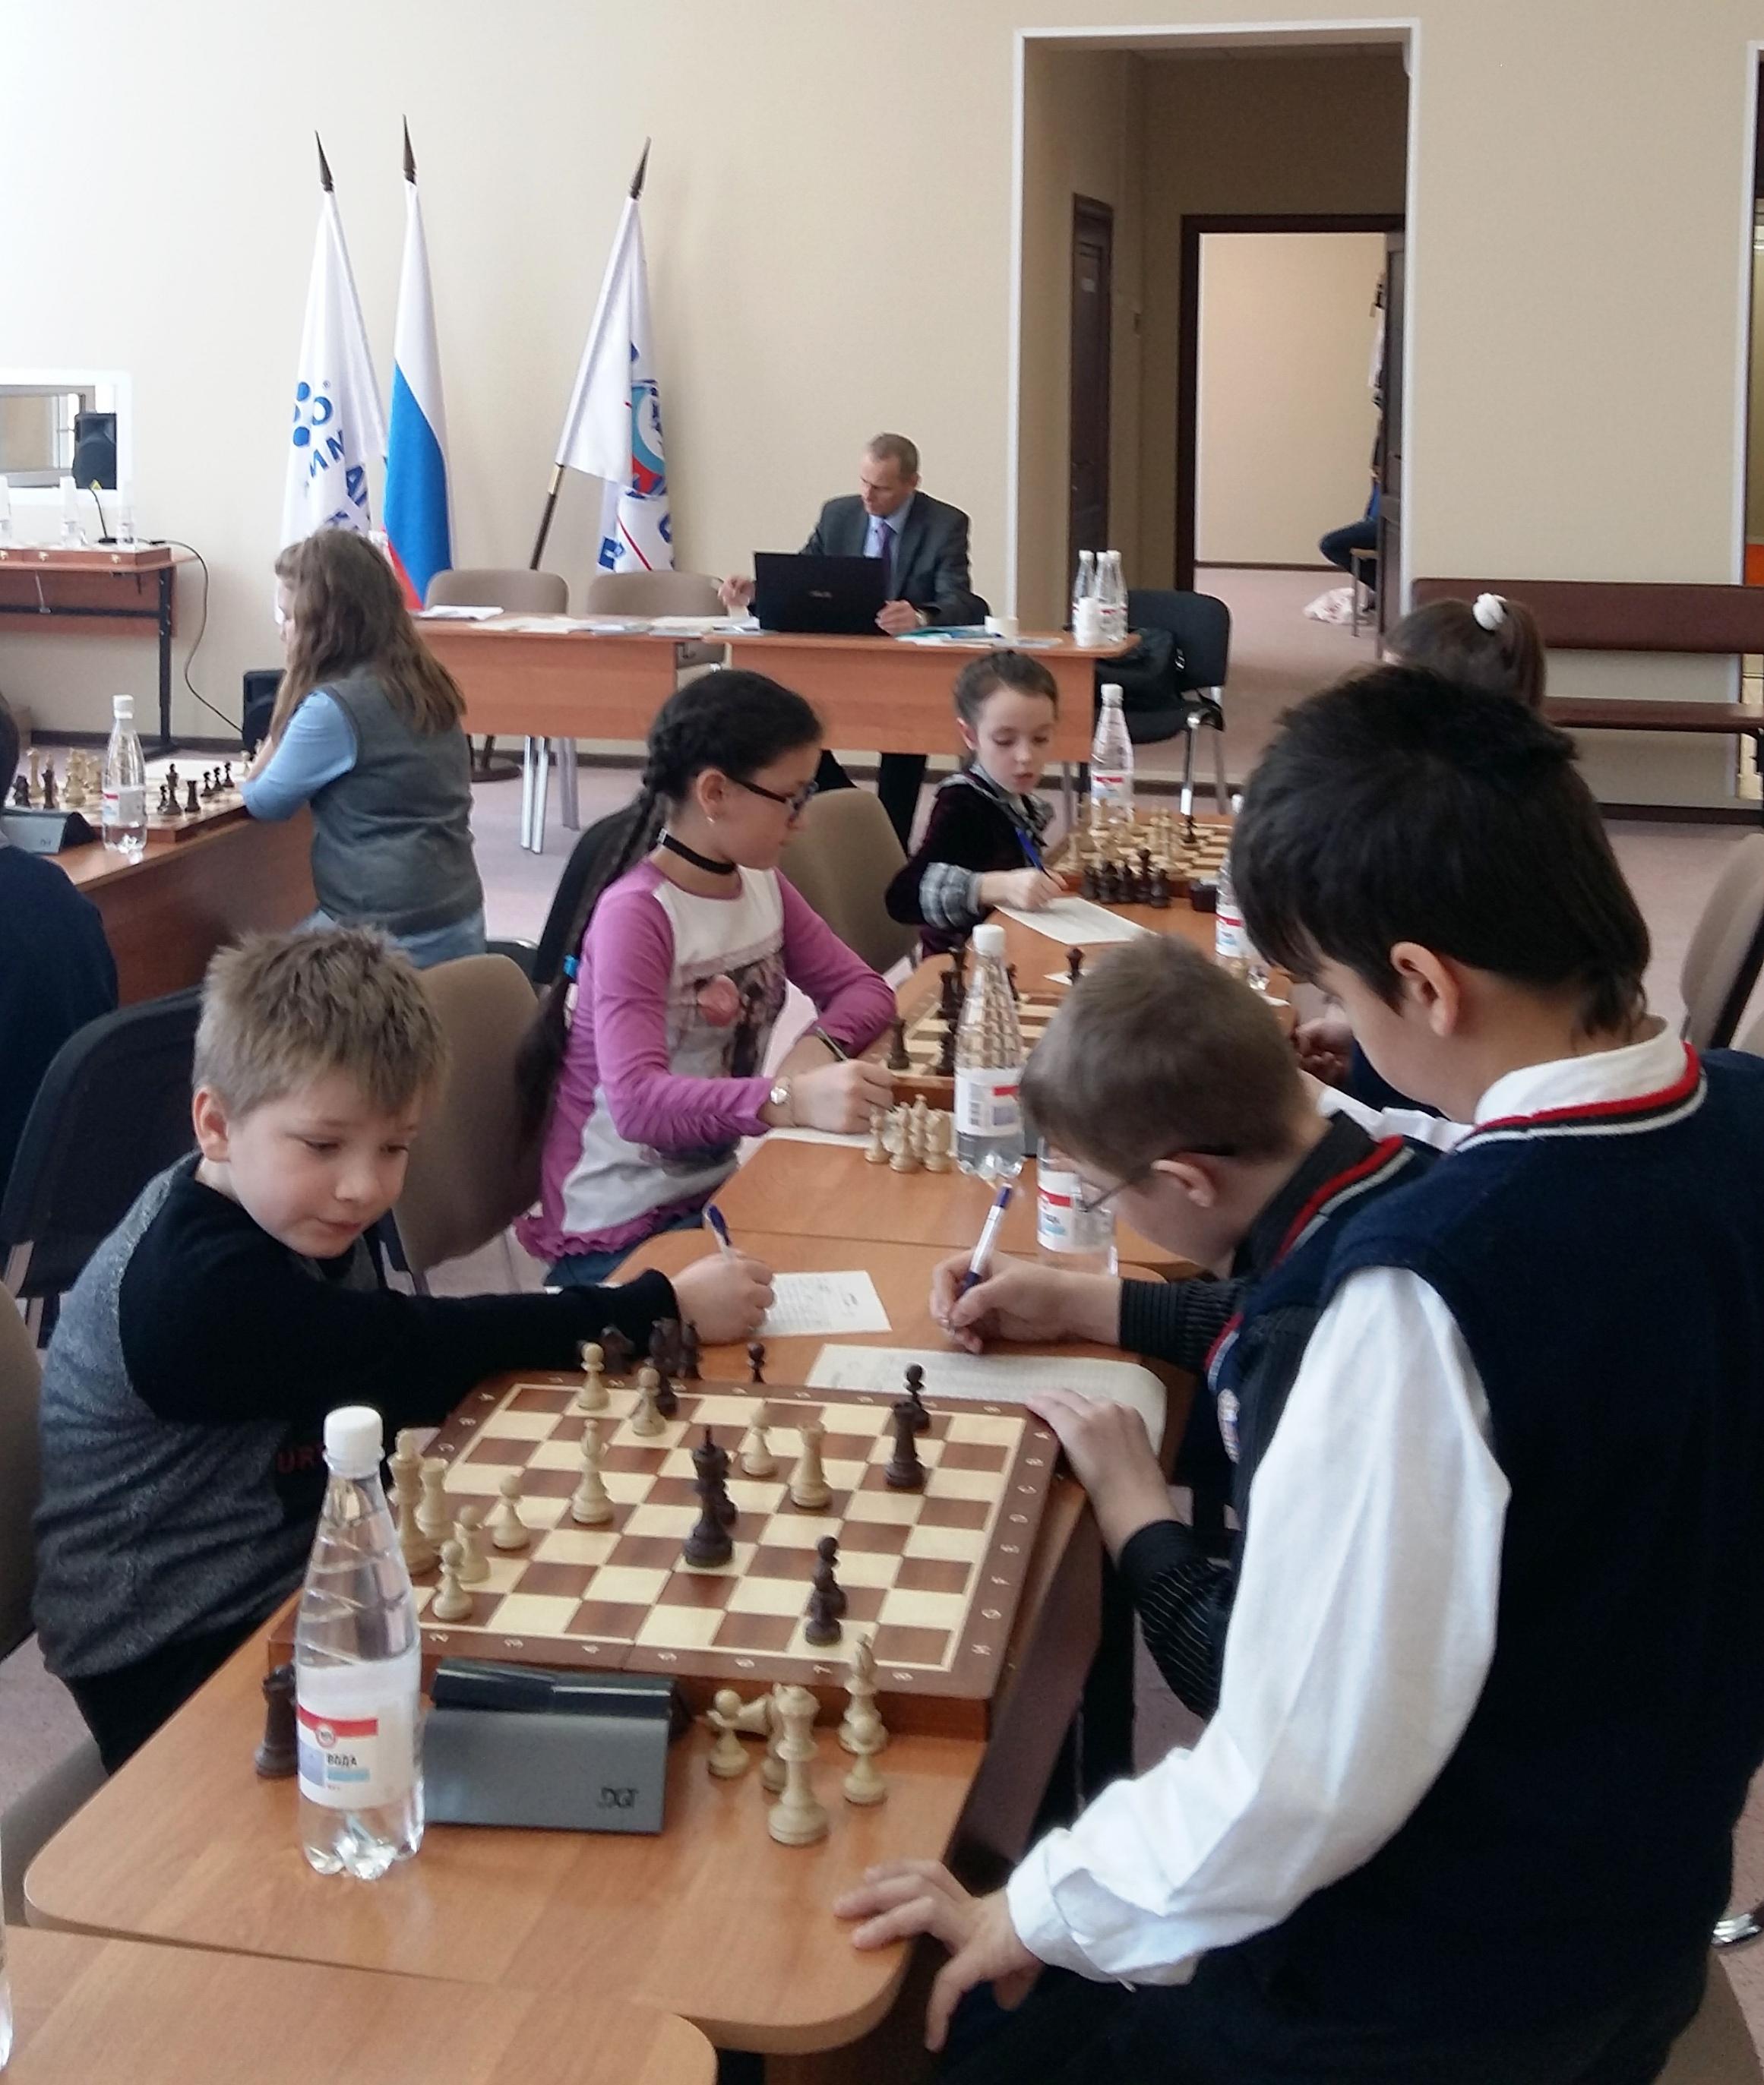 Соревнования по шахматам «Белая ладья»